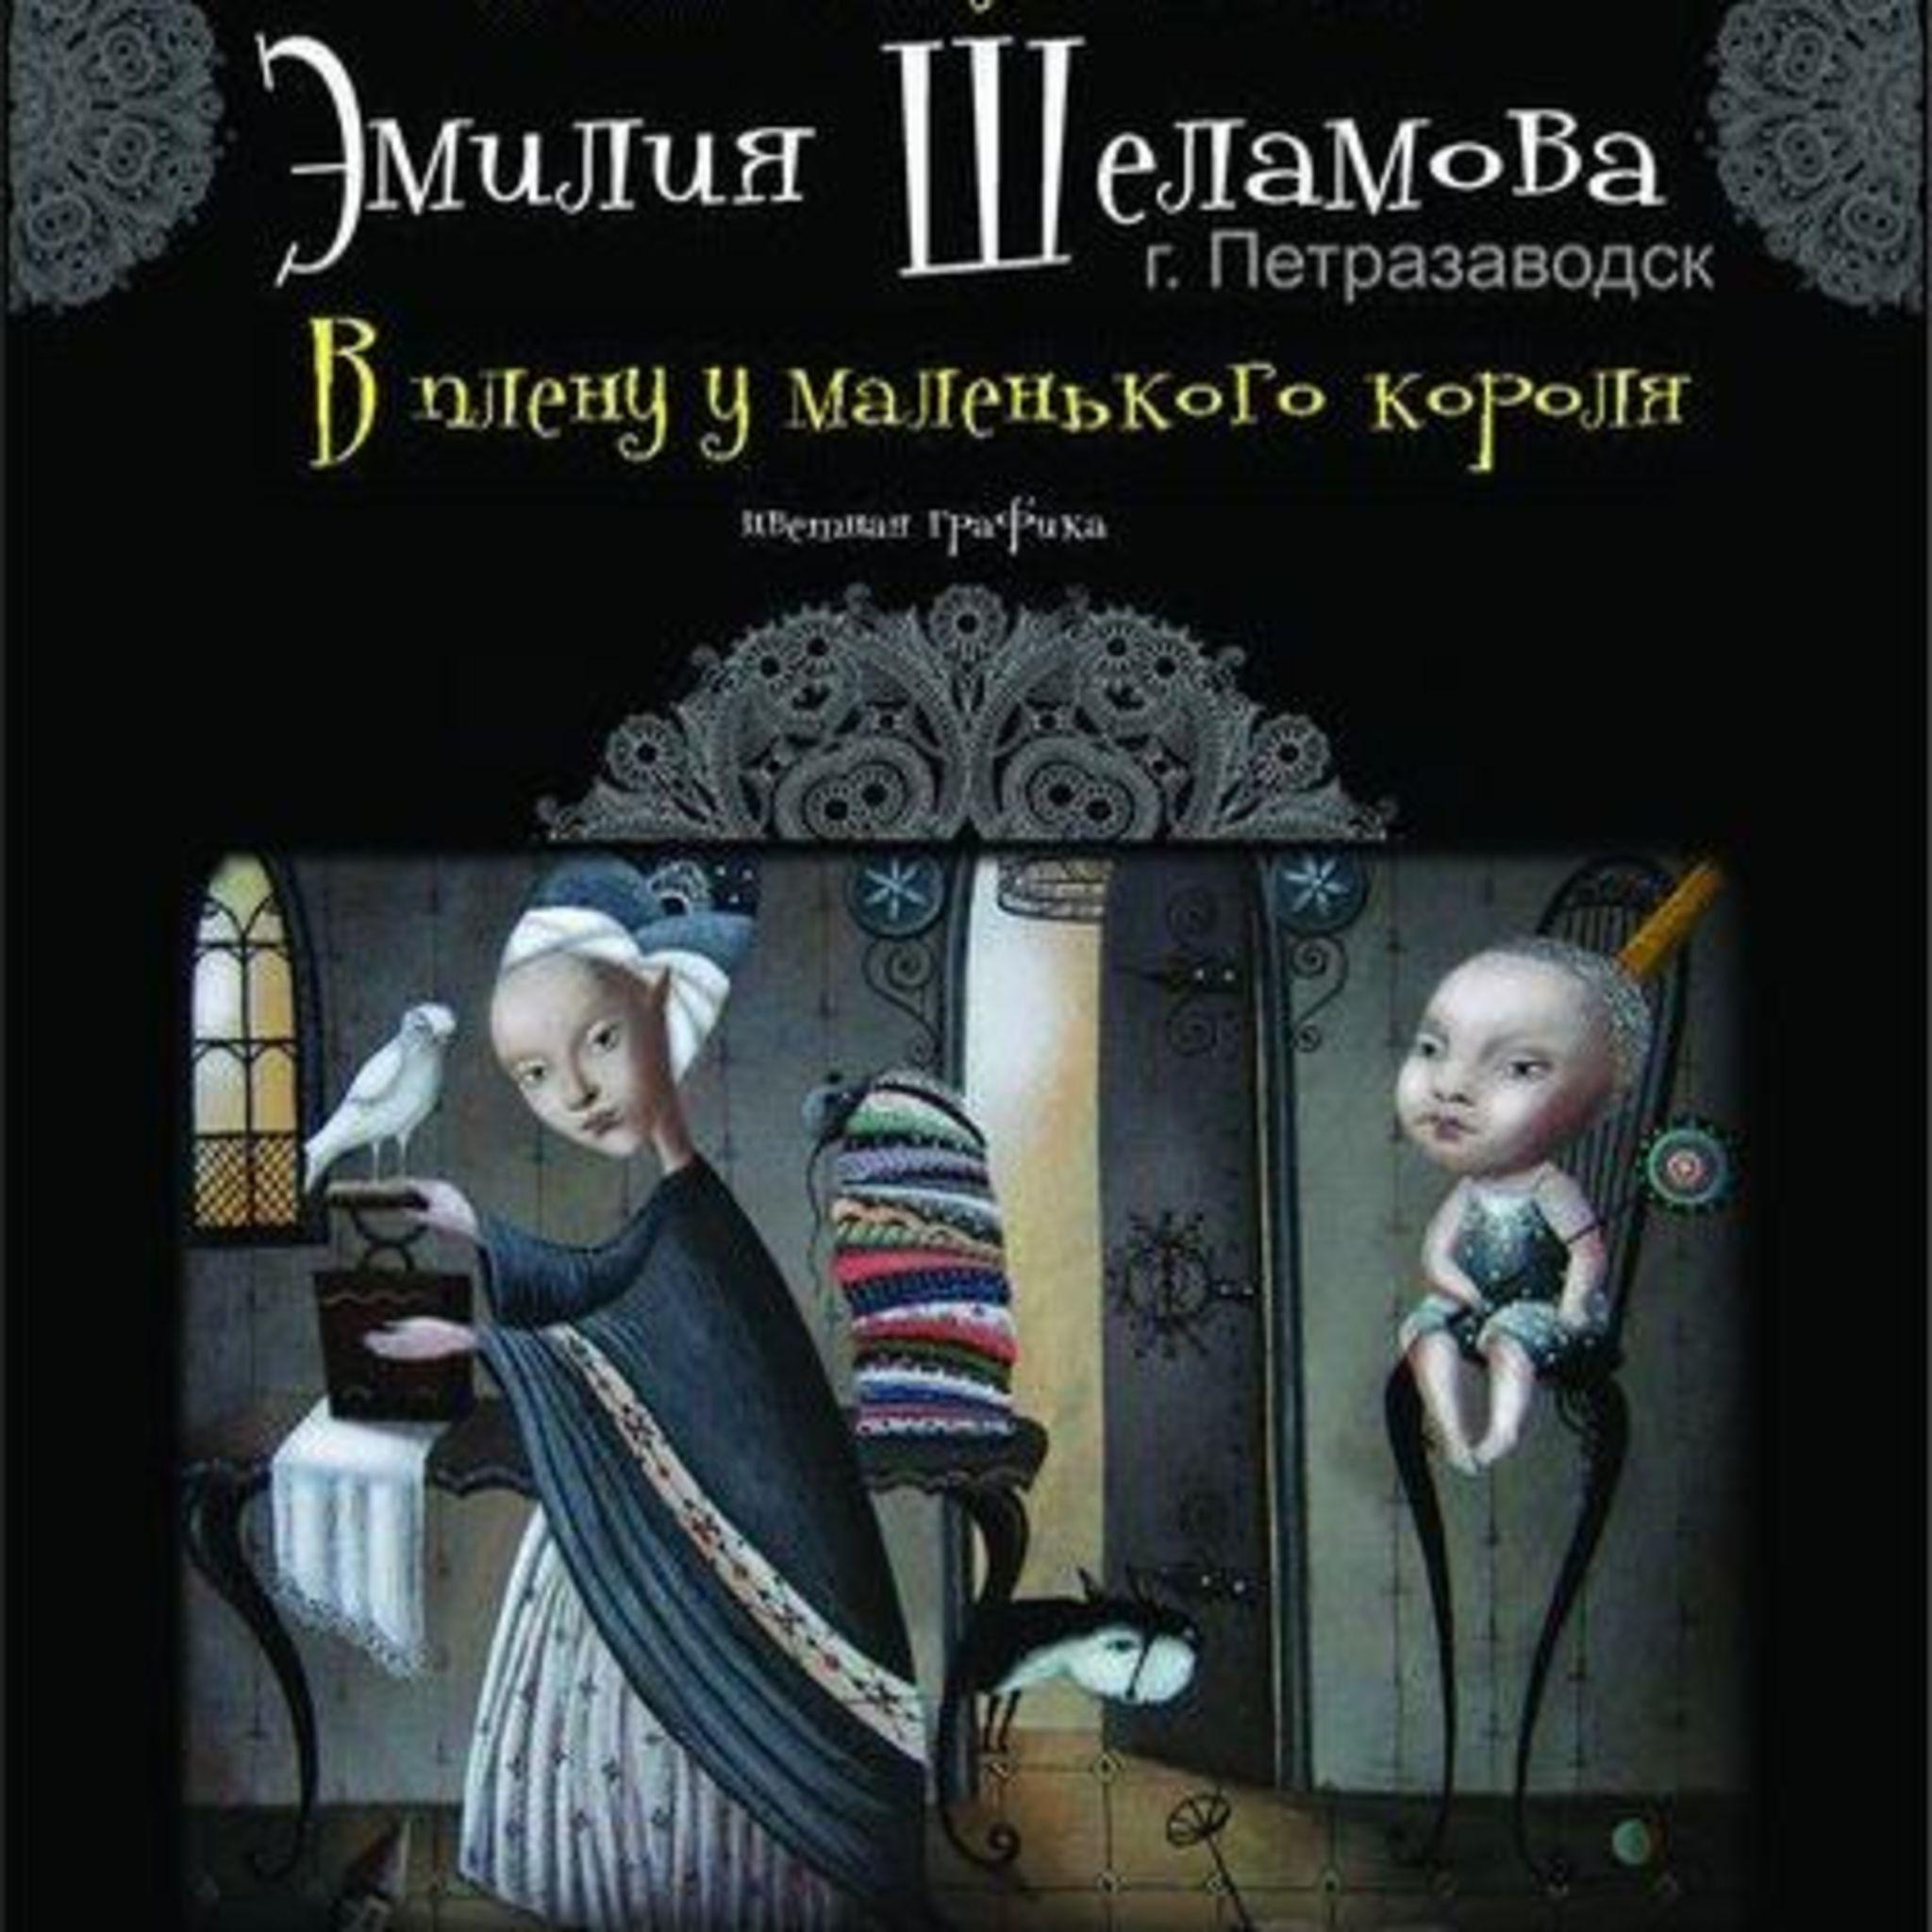 Выставка Эмилии Шеламовой «В плену у маленького короля»